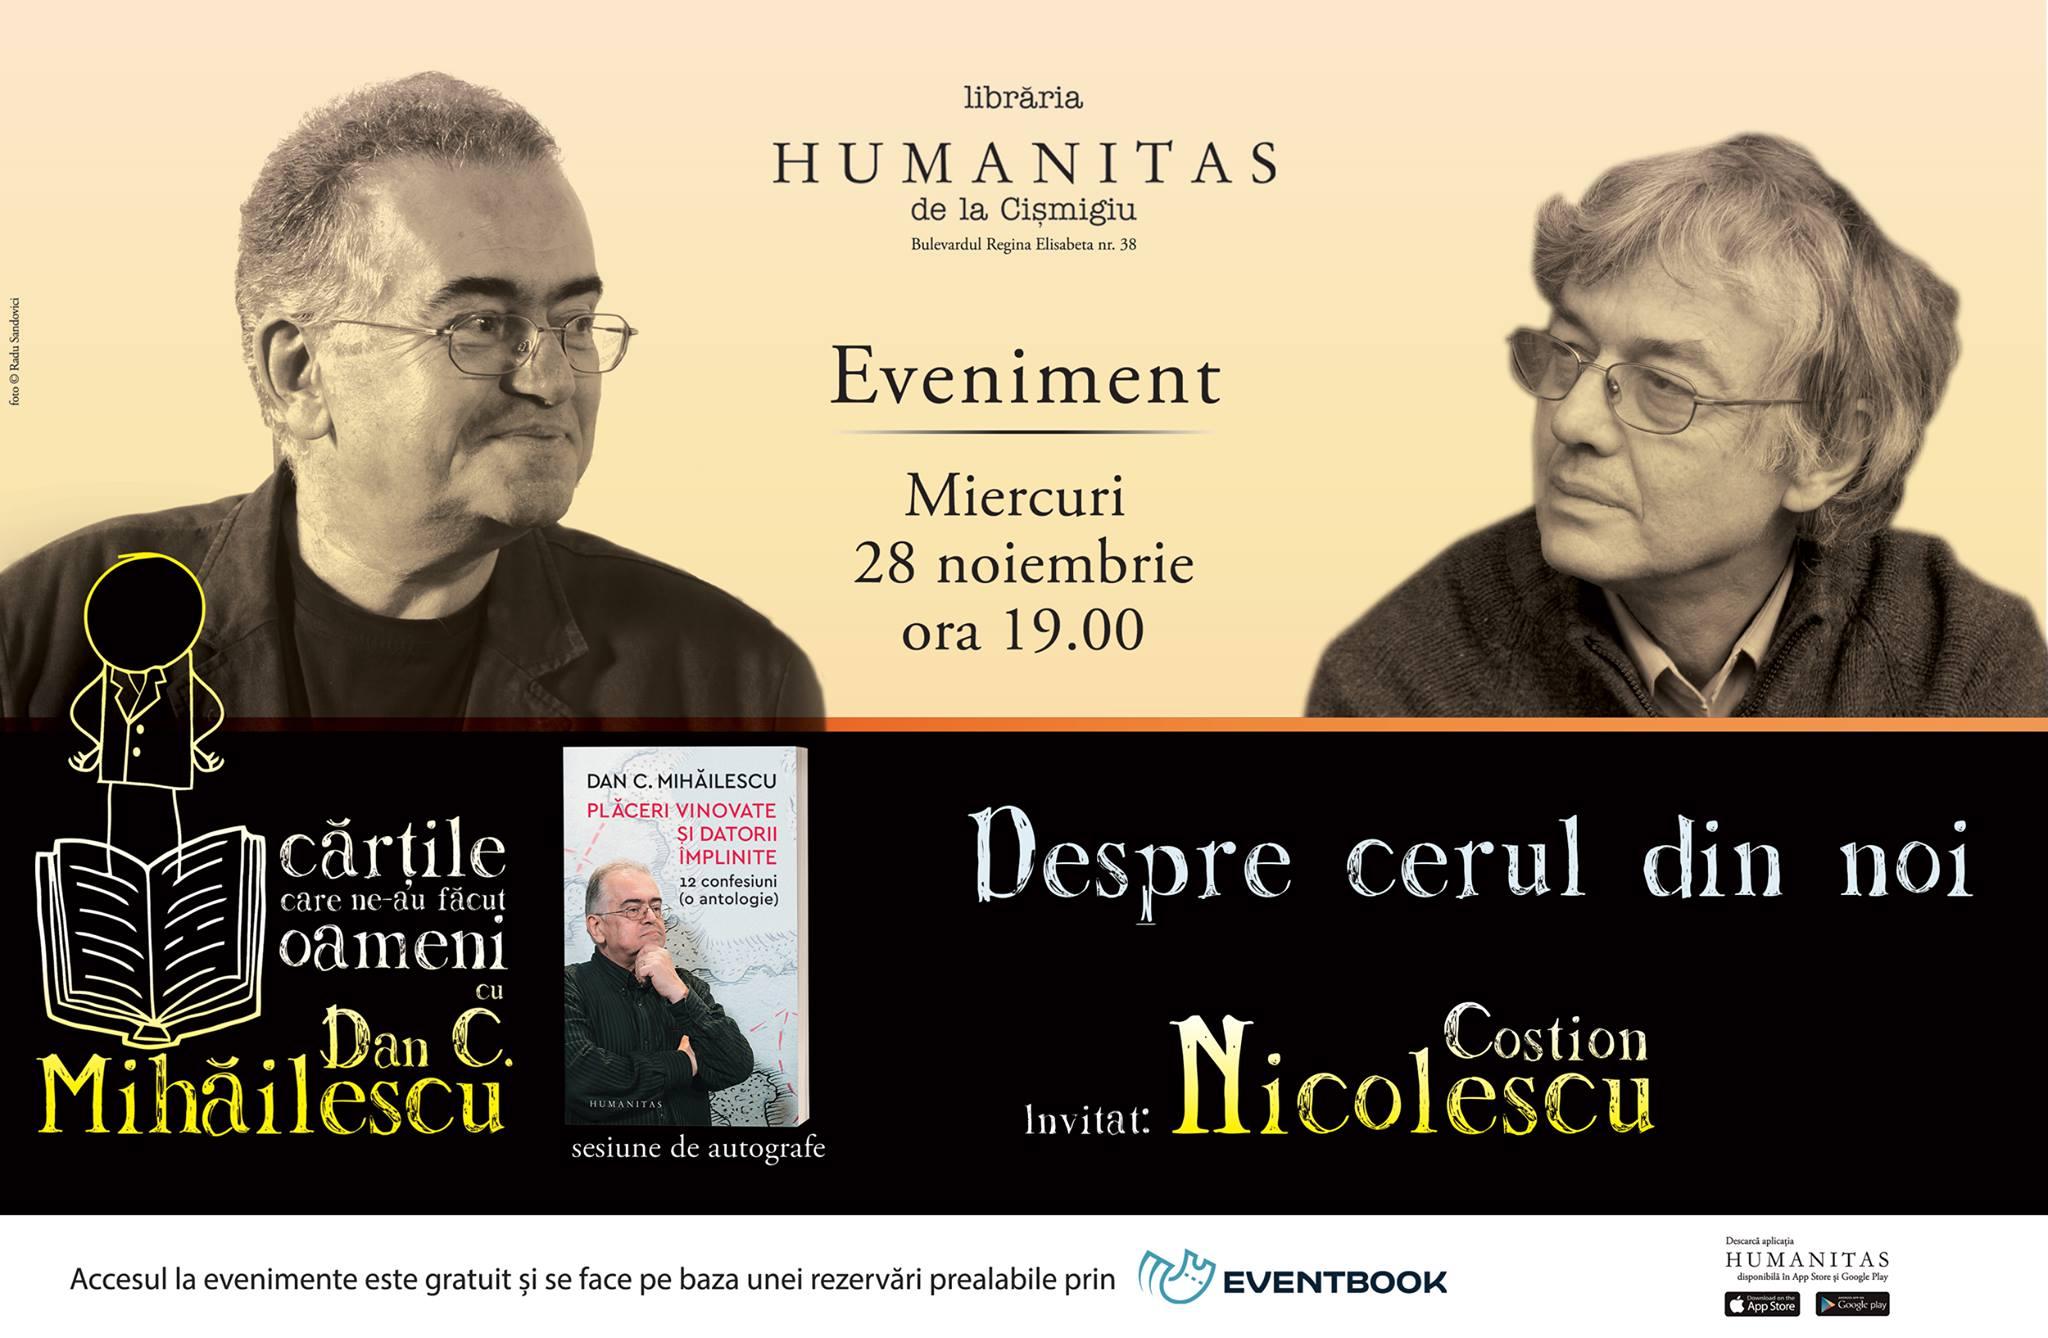 Despre cerul din noi cu Dan C. Mihăilescu și Costion Nicolescu